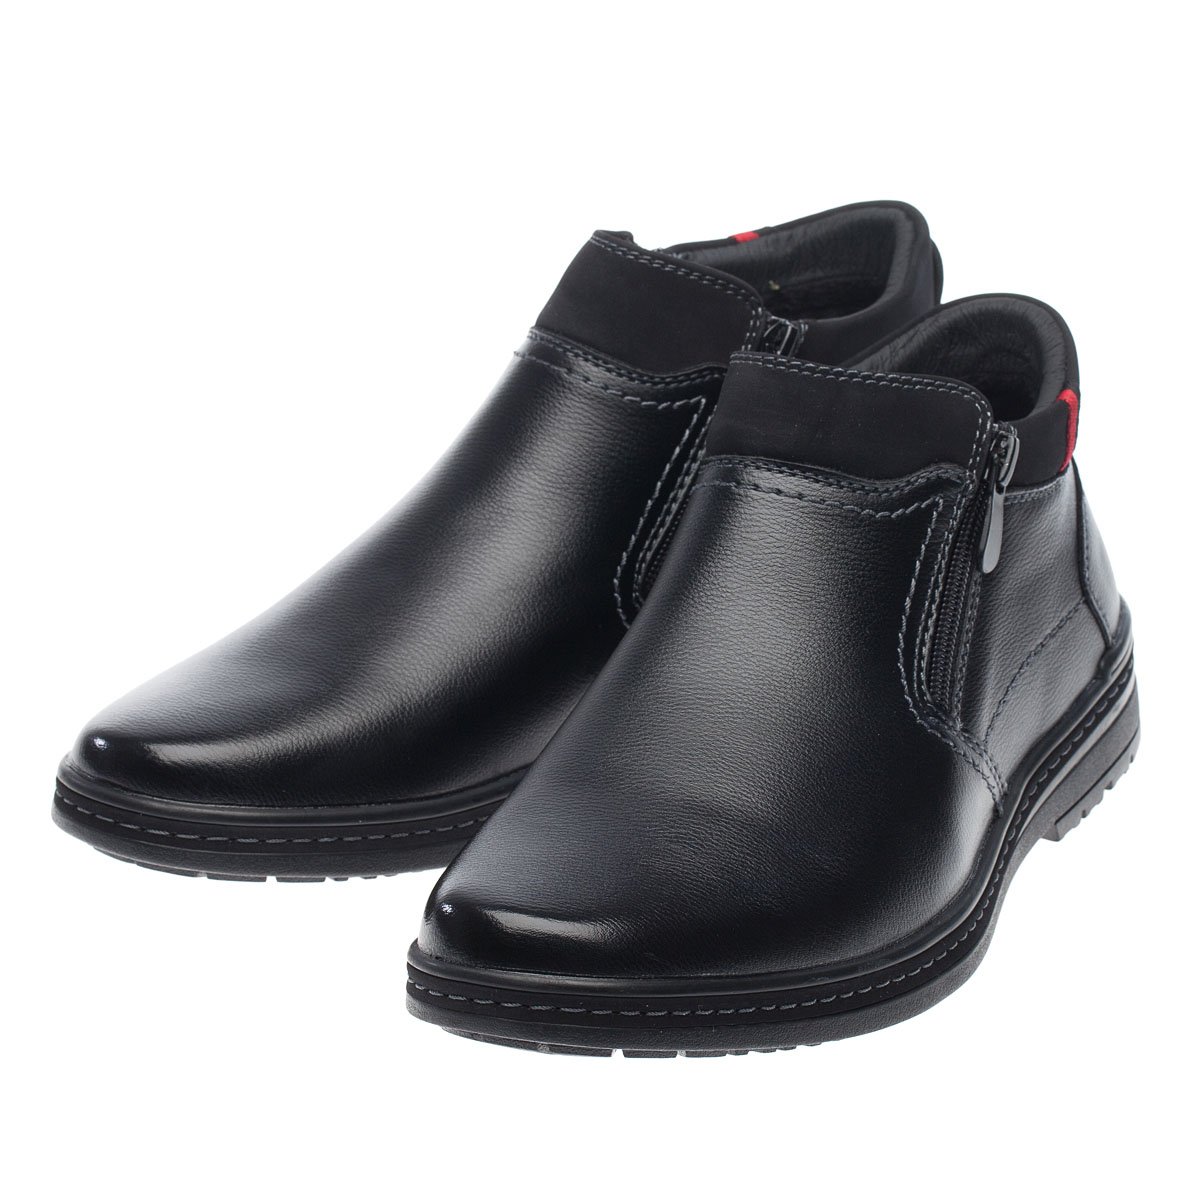 Ботинки демисезонные FERTO, 907-1 демисезонные ботинки dior 2015 d995902